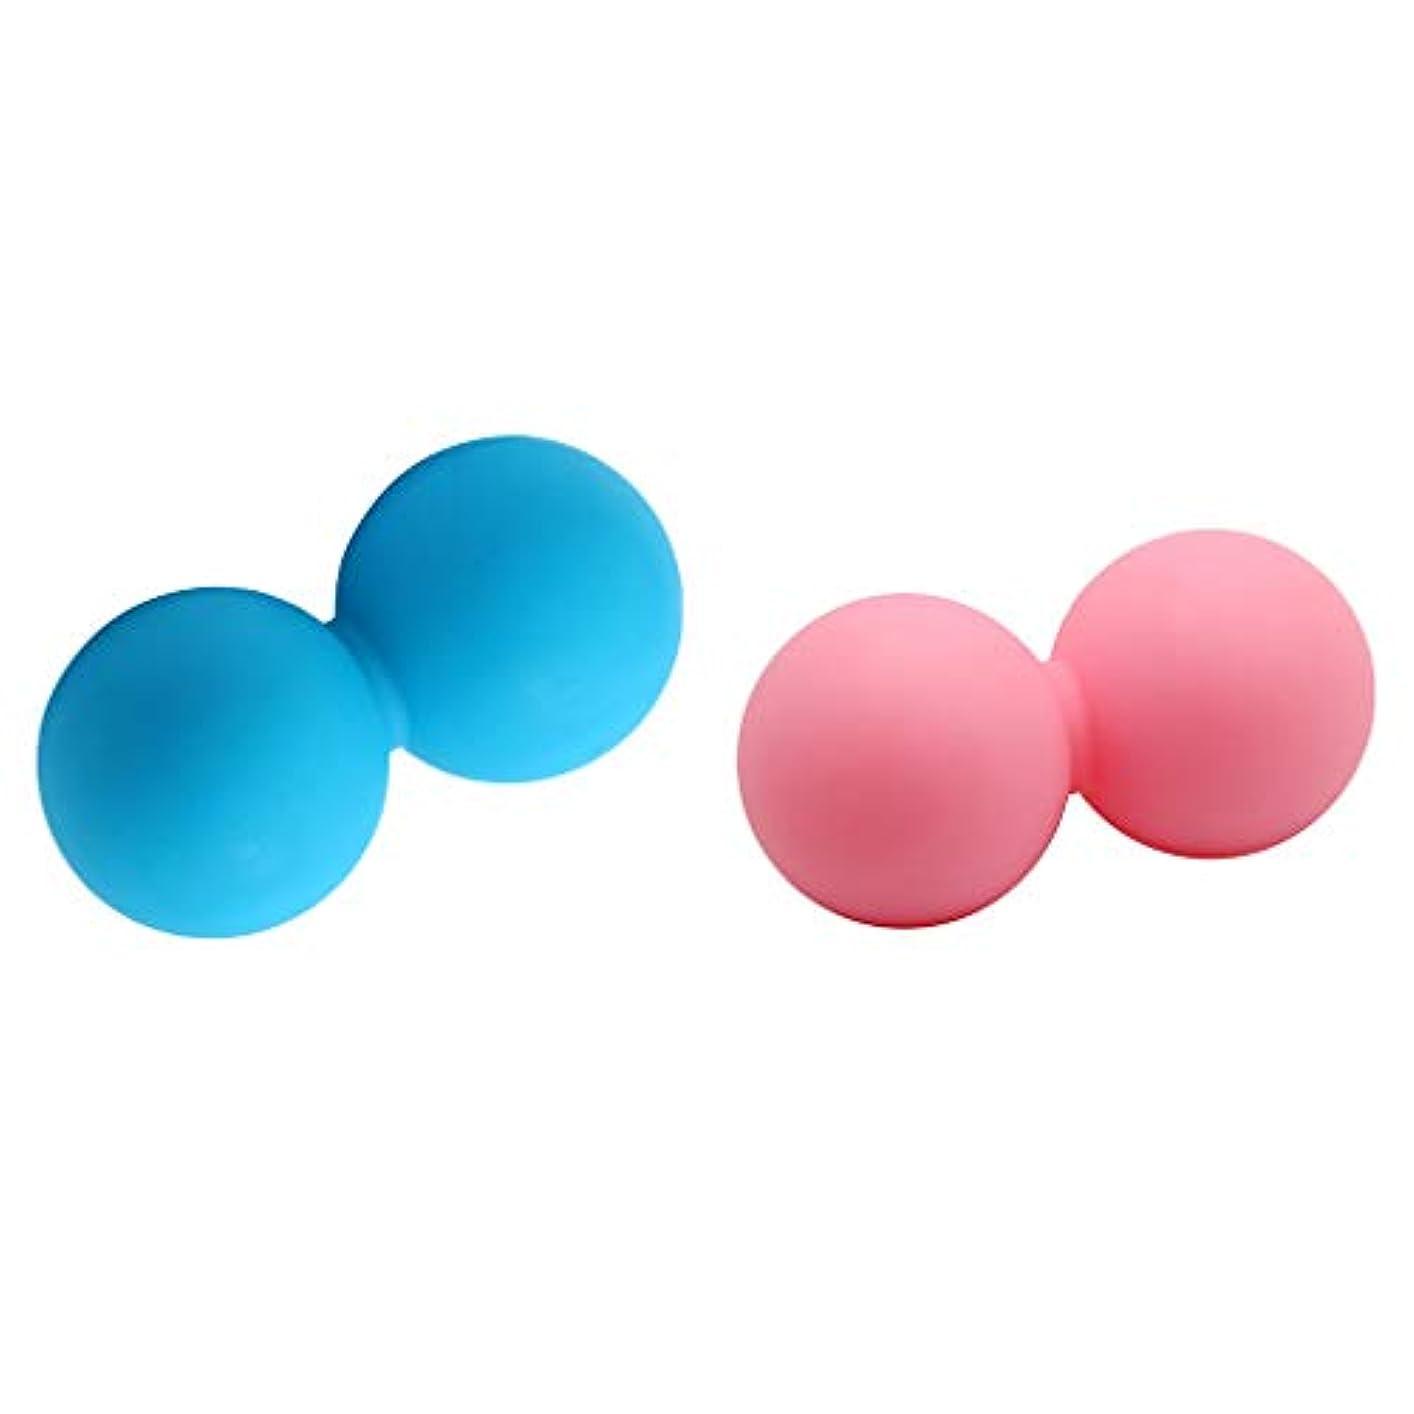 若さ大声でブルーベル2ピース マッサージボール 筋膜トリガーポイント リリース マッサージ ダブル ボール シリコン